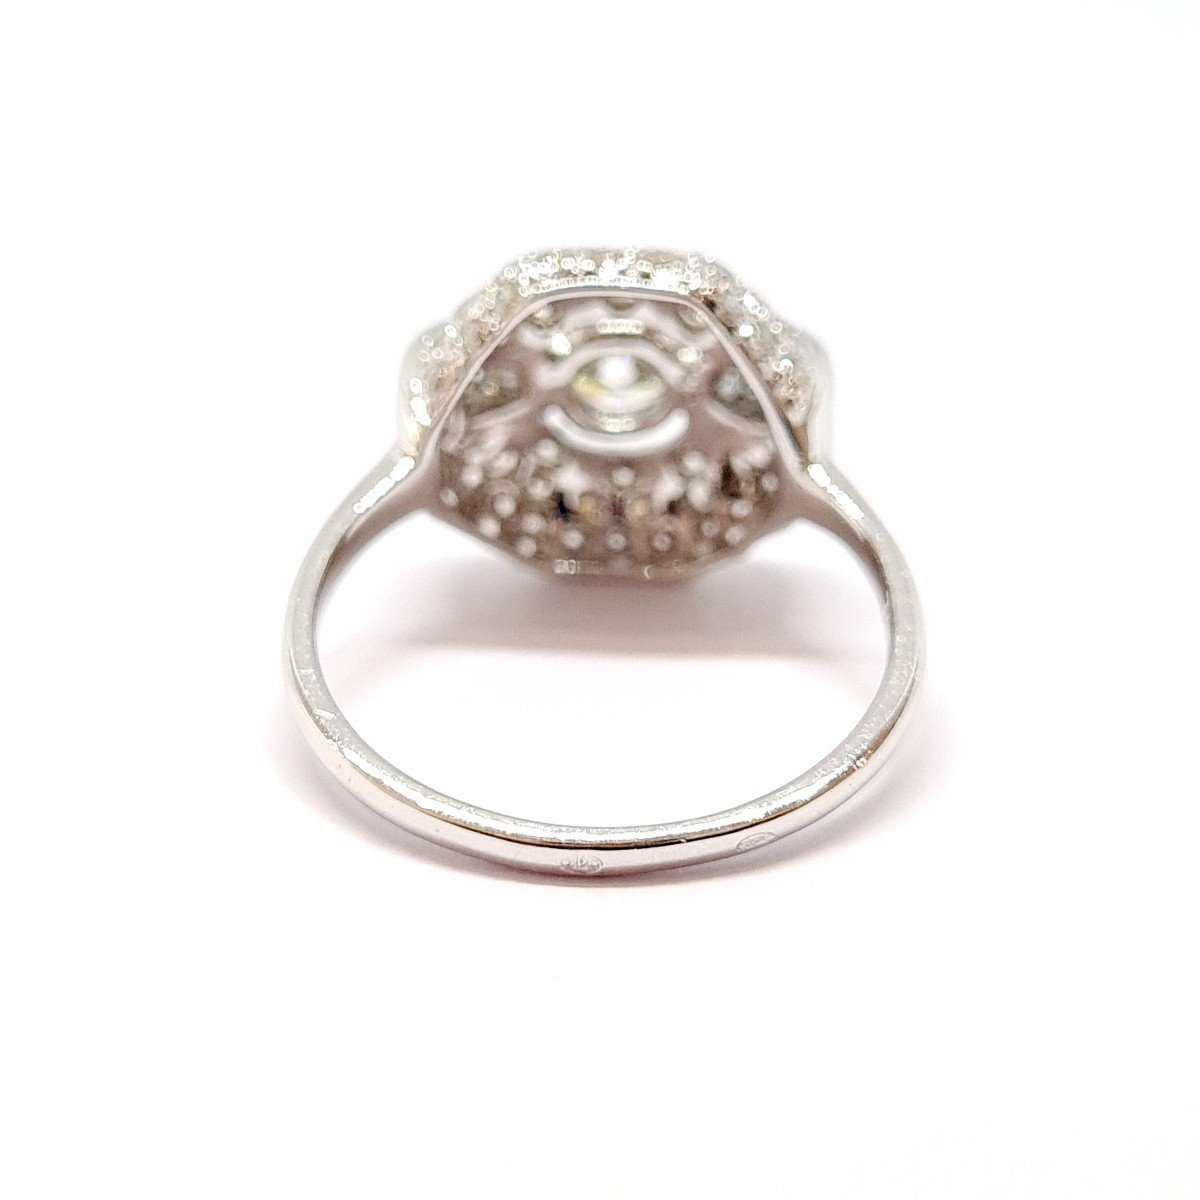 Art Deco Ring (1920 - 1935) 18k White Gold Diamonds-photo-3